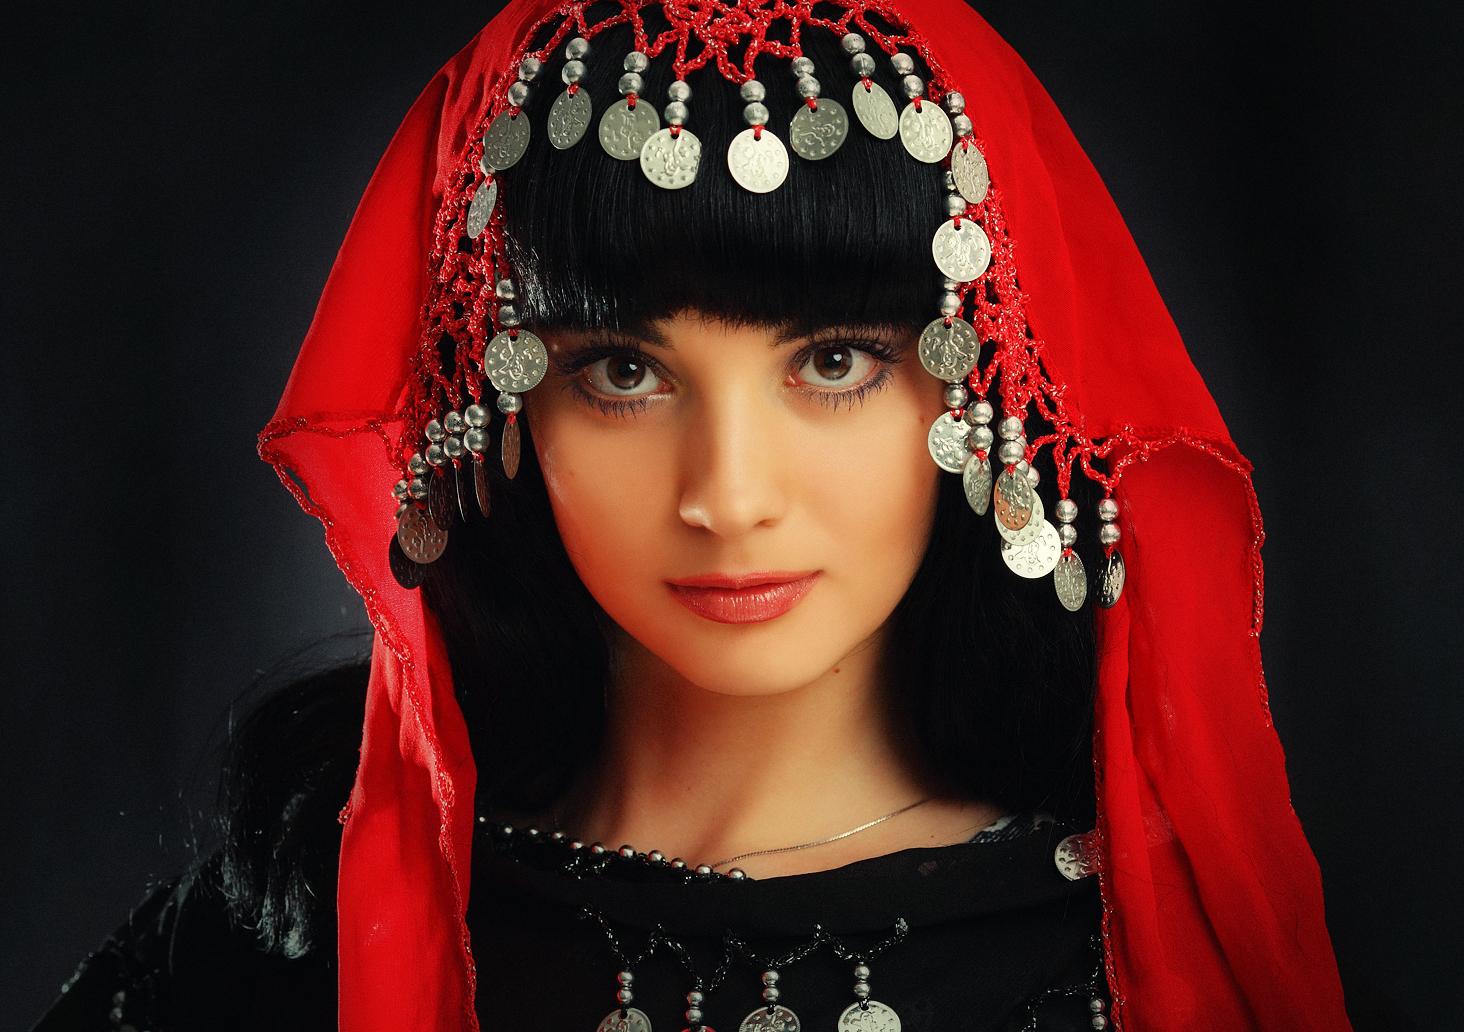 как выглядят турчанки фото разряда унисекс представляла